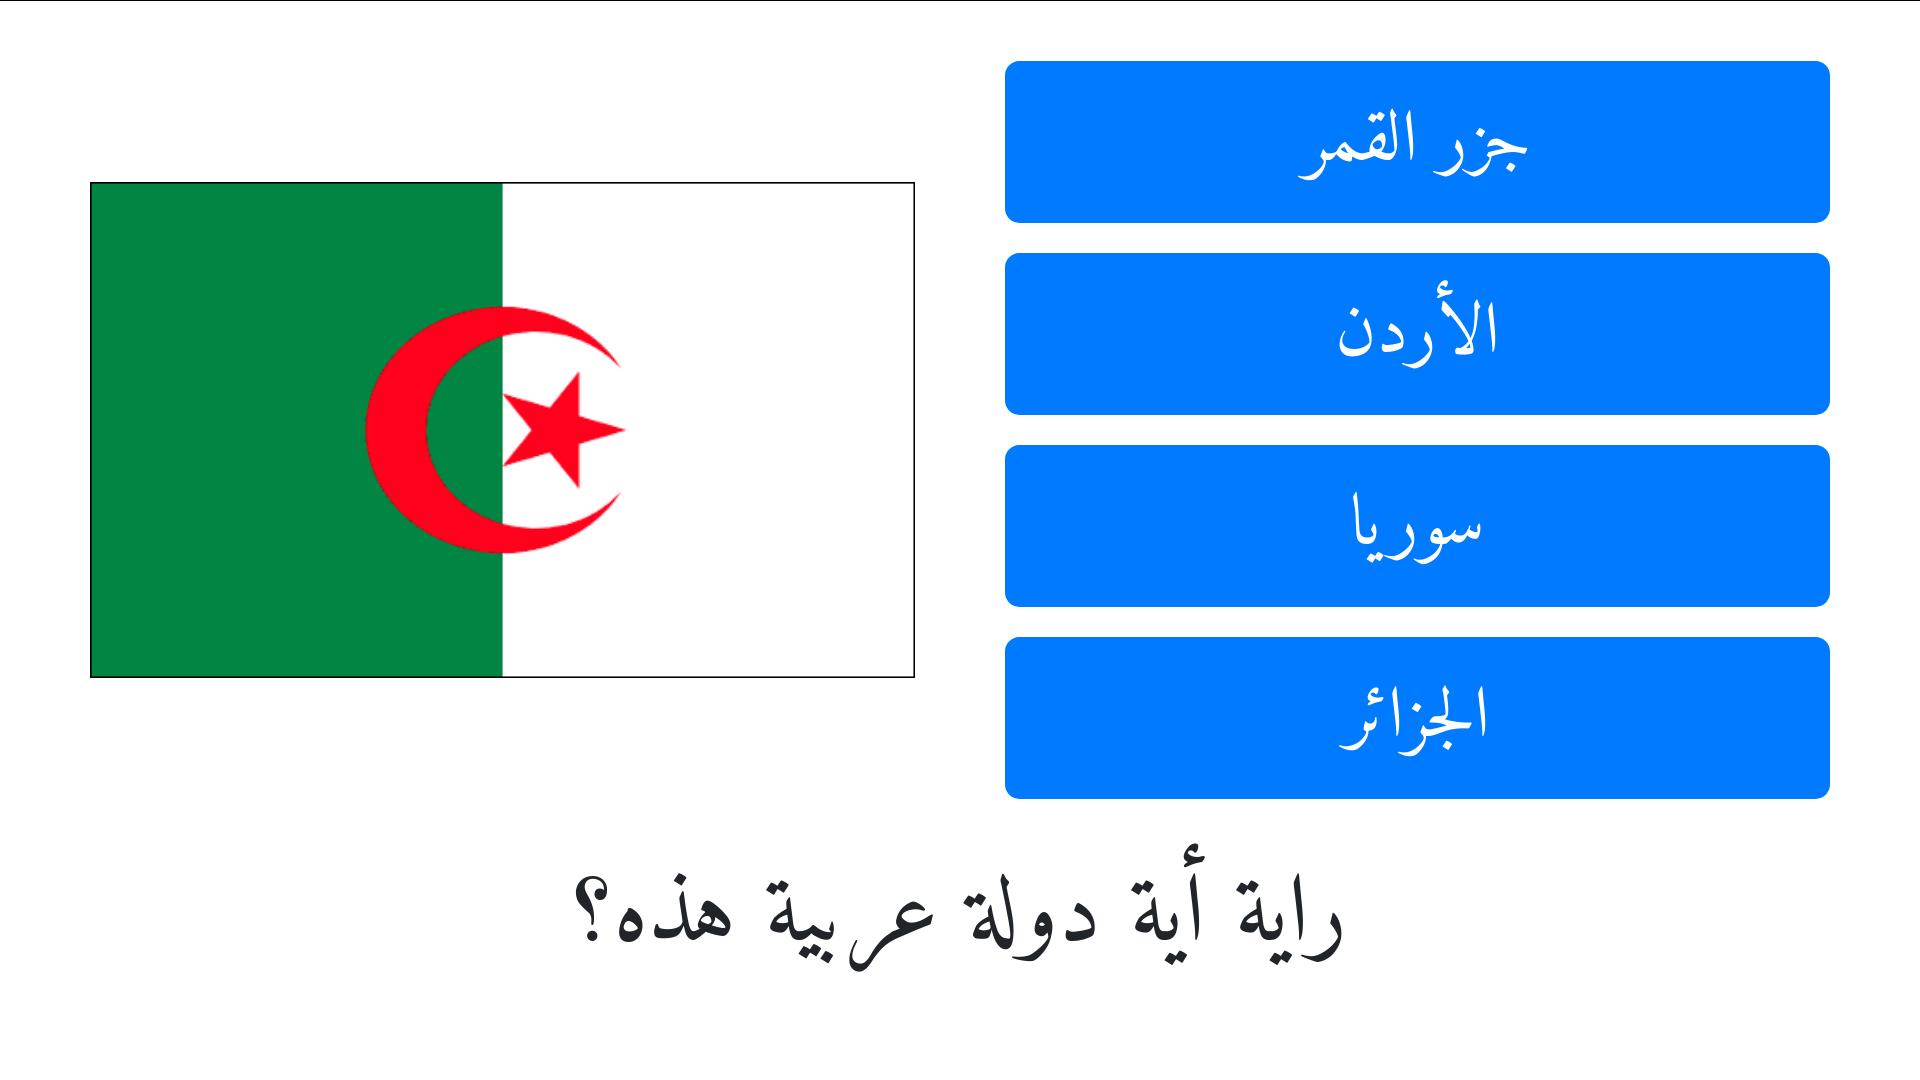 اختبر معلوماتك واختبر نفسك أعلام الدول العربية وأسماؤها باللغة العربية الفصحى الجزائر Chart Pie Chart Abs